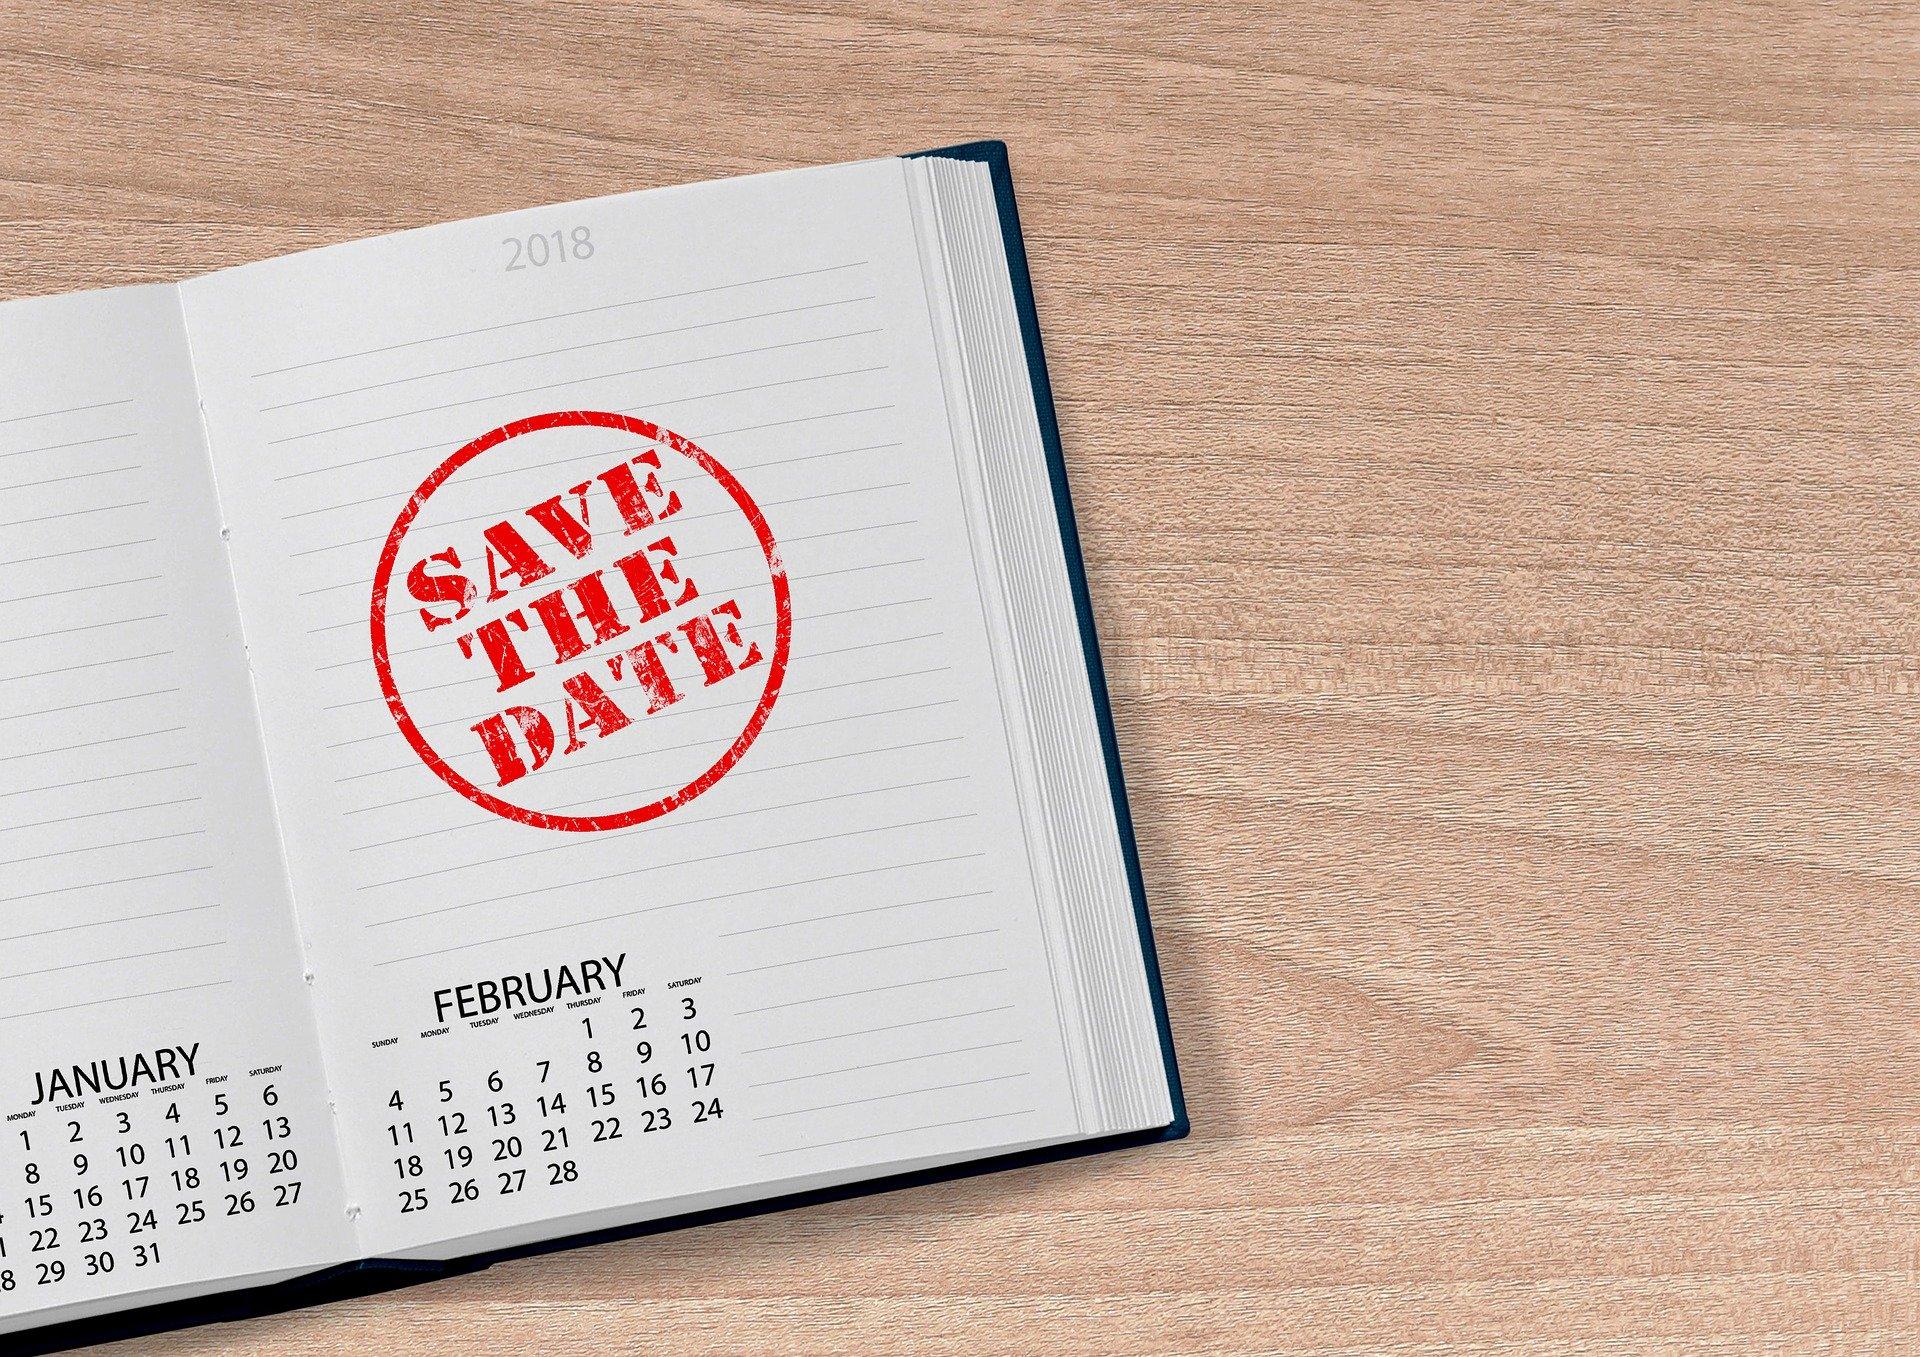 Kalender mit der Eintragung Save the Date